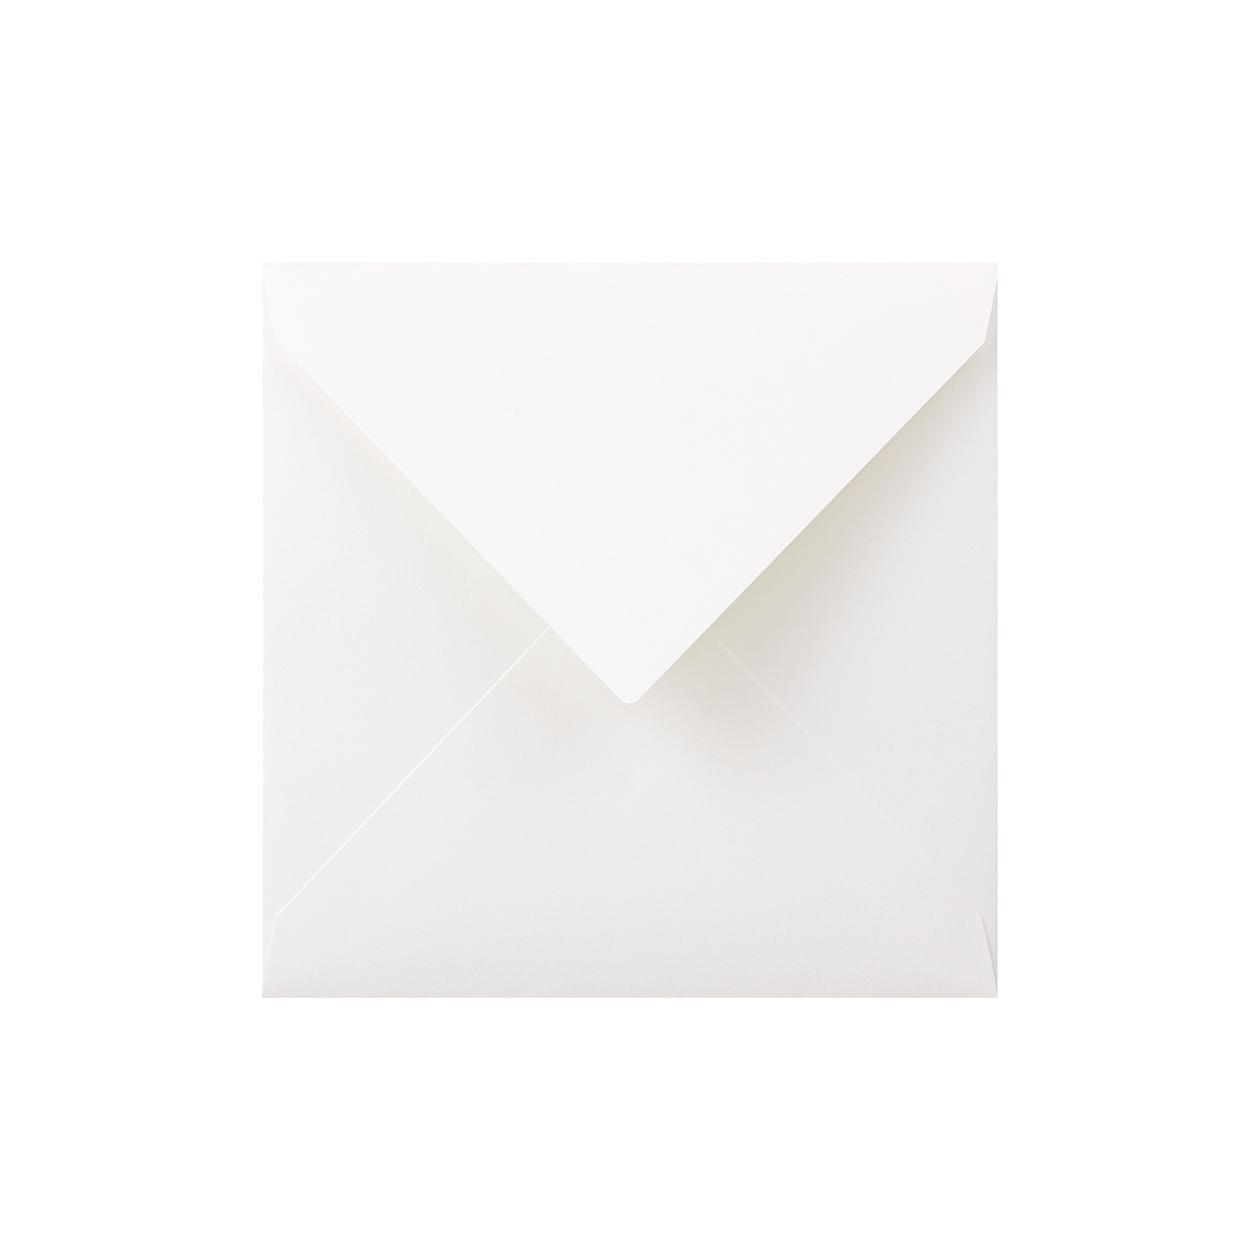 SE16ダイア封筒 コットン スノーホワイト 139.5g